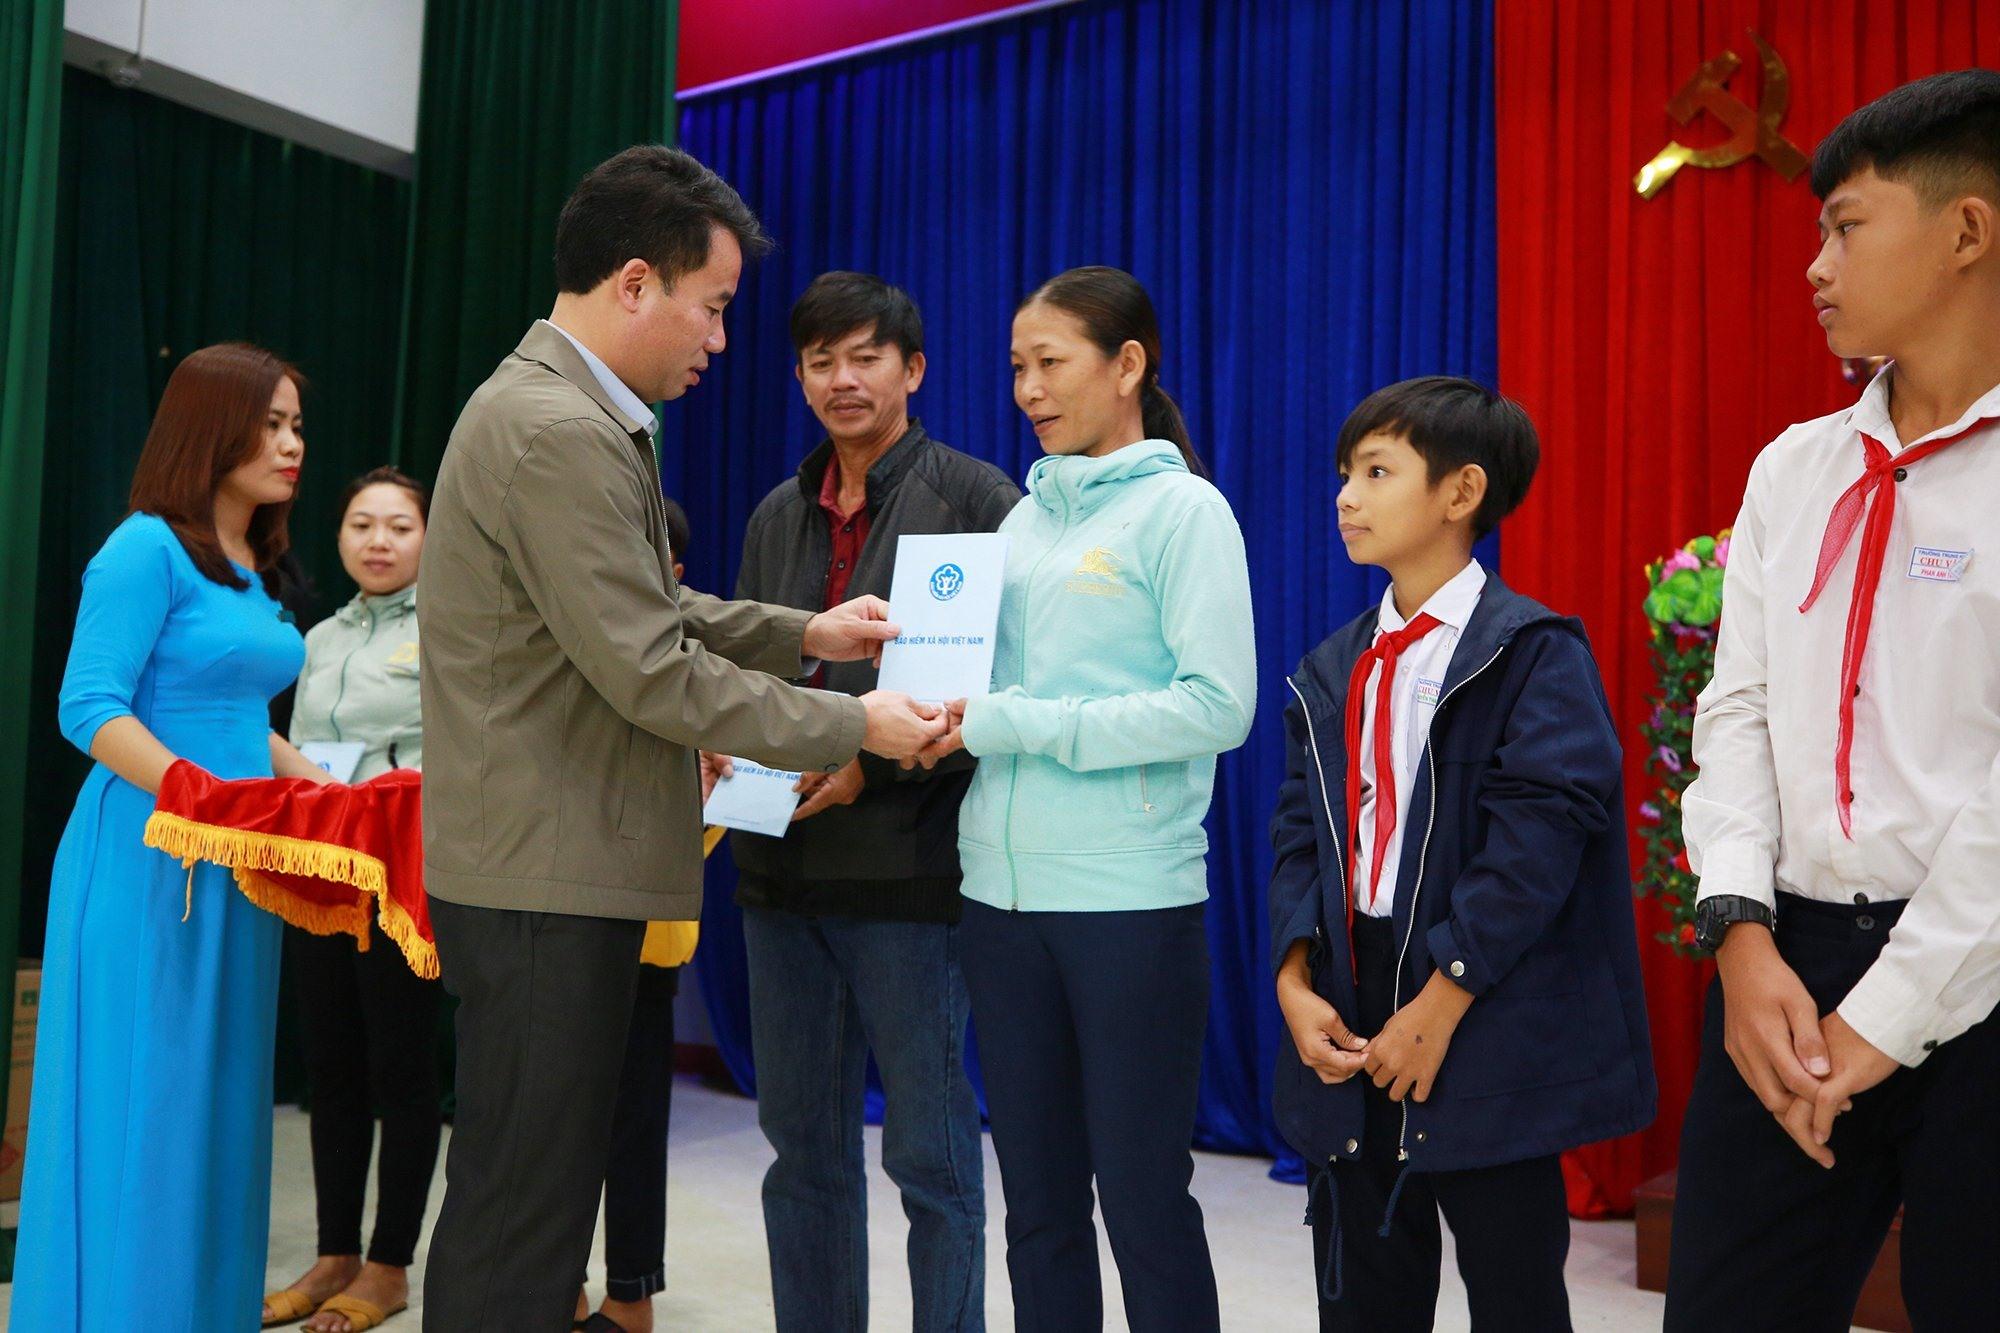 Tổng Giám đốc BHXH Việt Nam Nguyễn Thế Mạnh tặng thẻ BHYT cho người dân khó khăn tại Quảng Nam. Ảnh: D.L